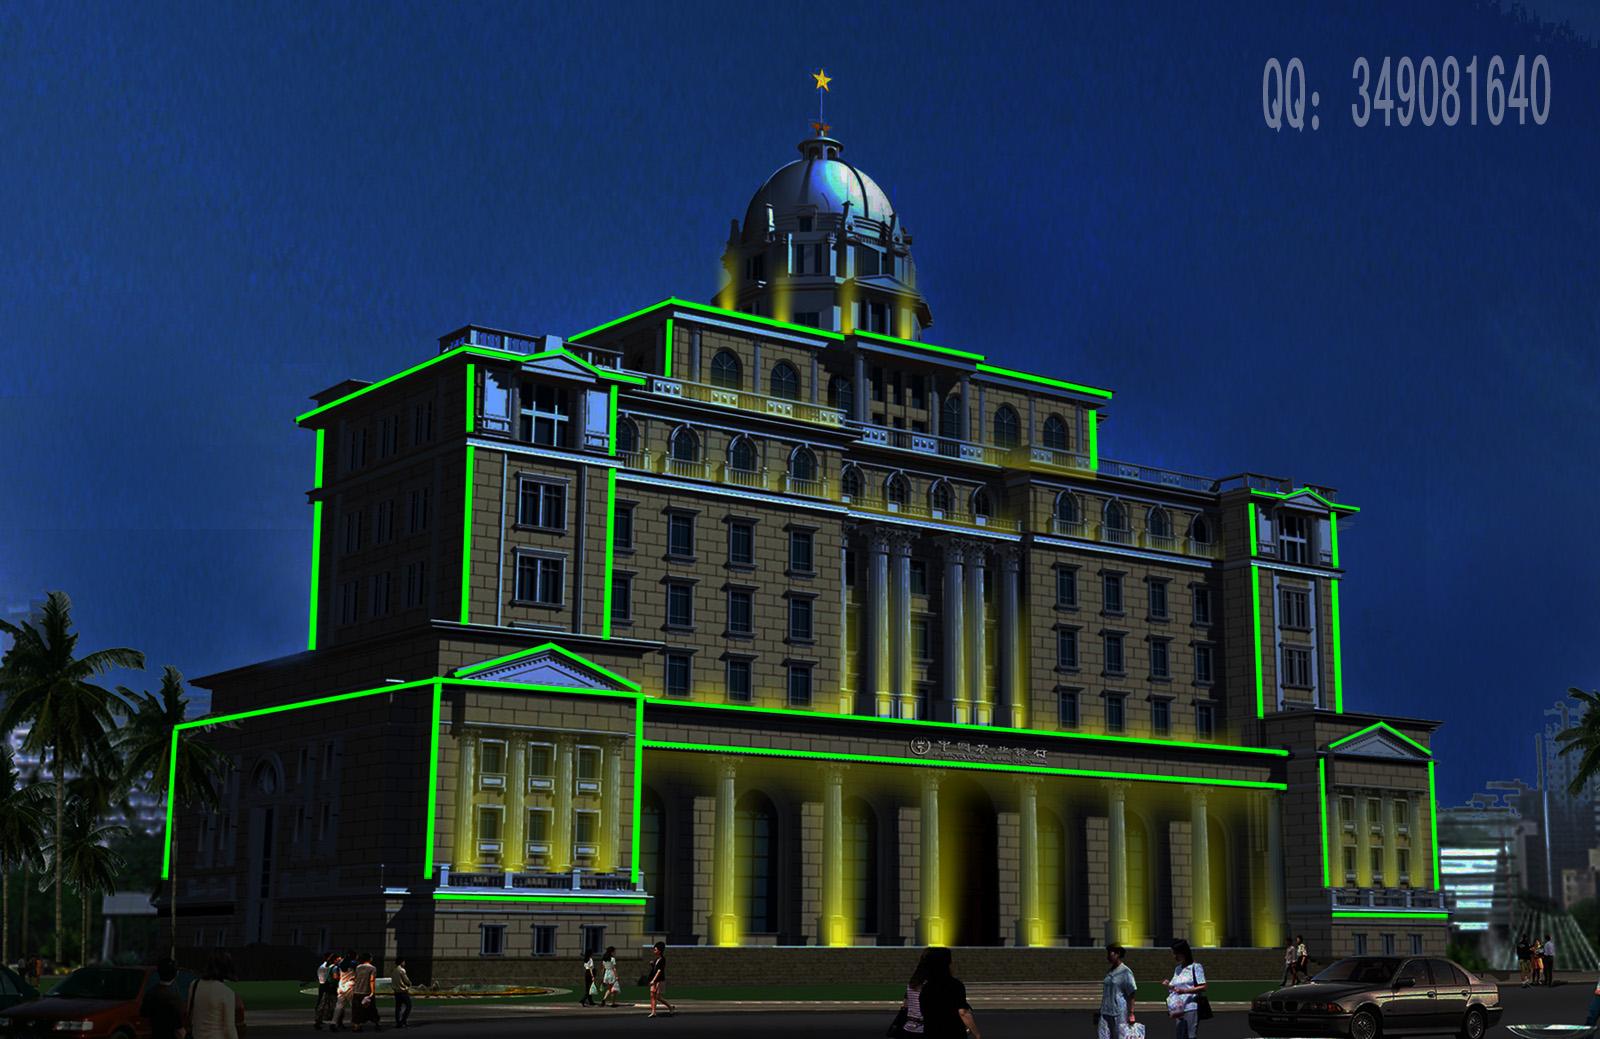 商业银行办公楼夜景照明装饰设计